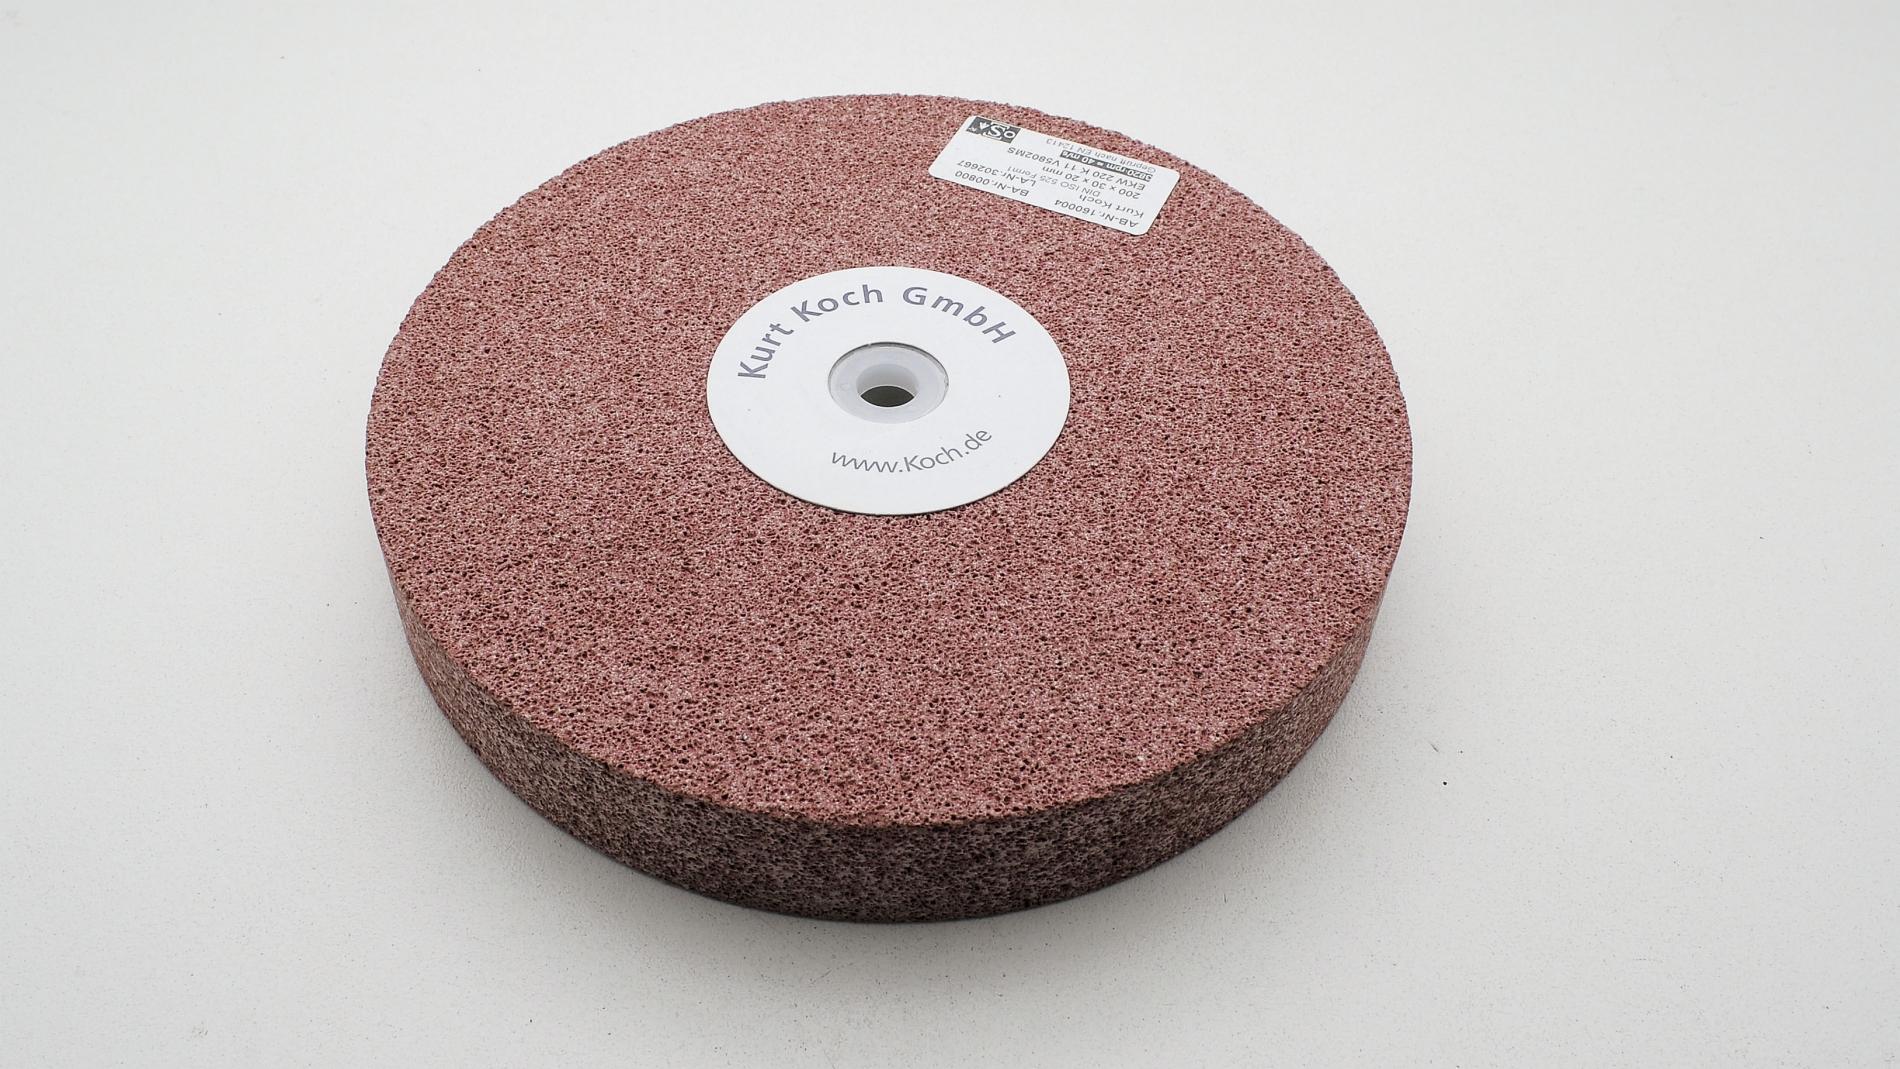 HT50235-Disco de esmeril cerámico 200X30mm Grano 220  sin destemplar acero KOCH HT50235-max-1.